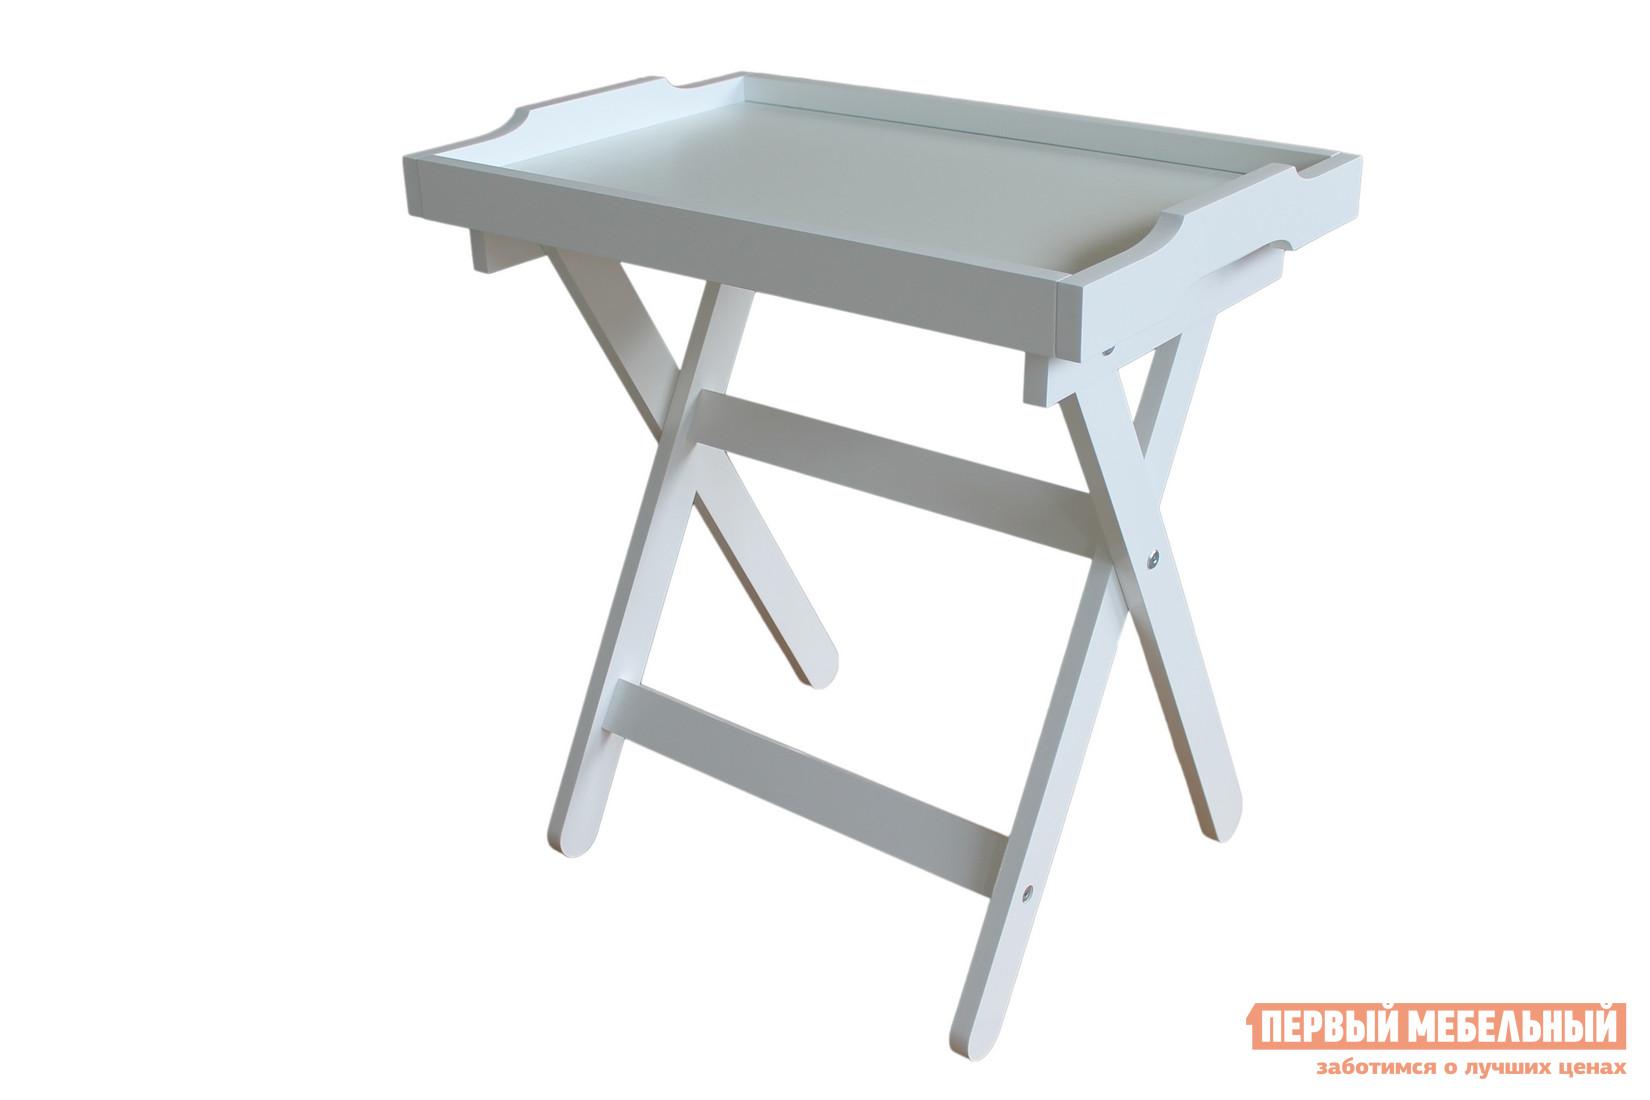 Журнальный столик МебельТорг Лотос Молочный дуб